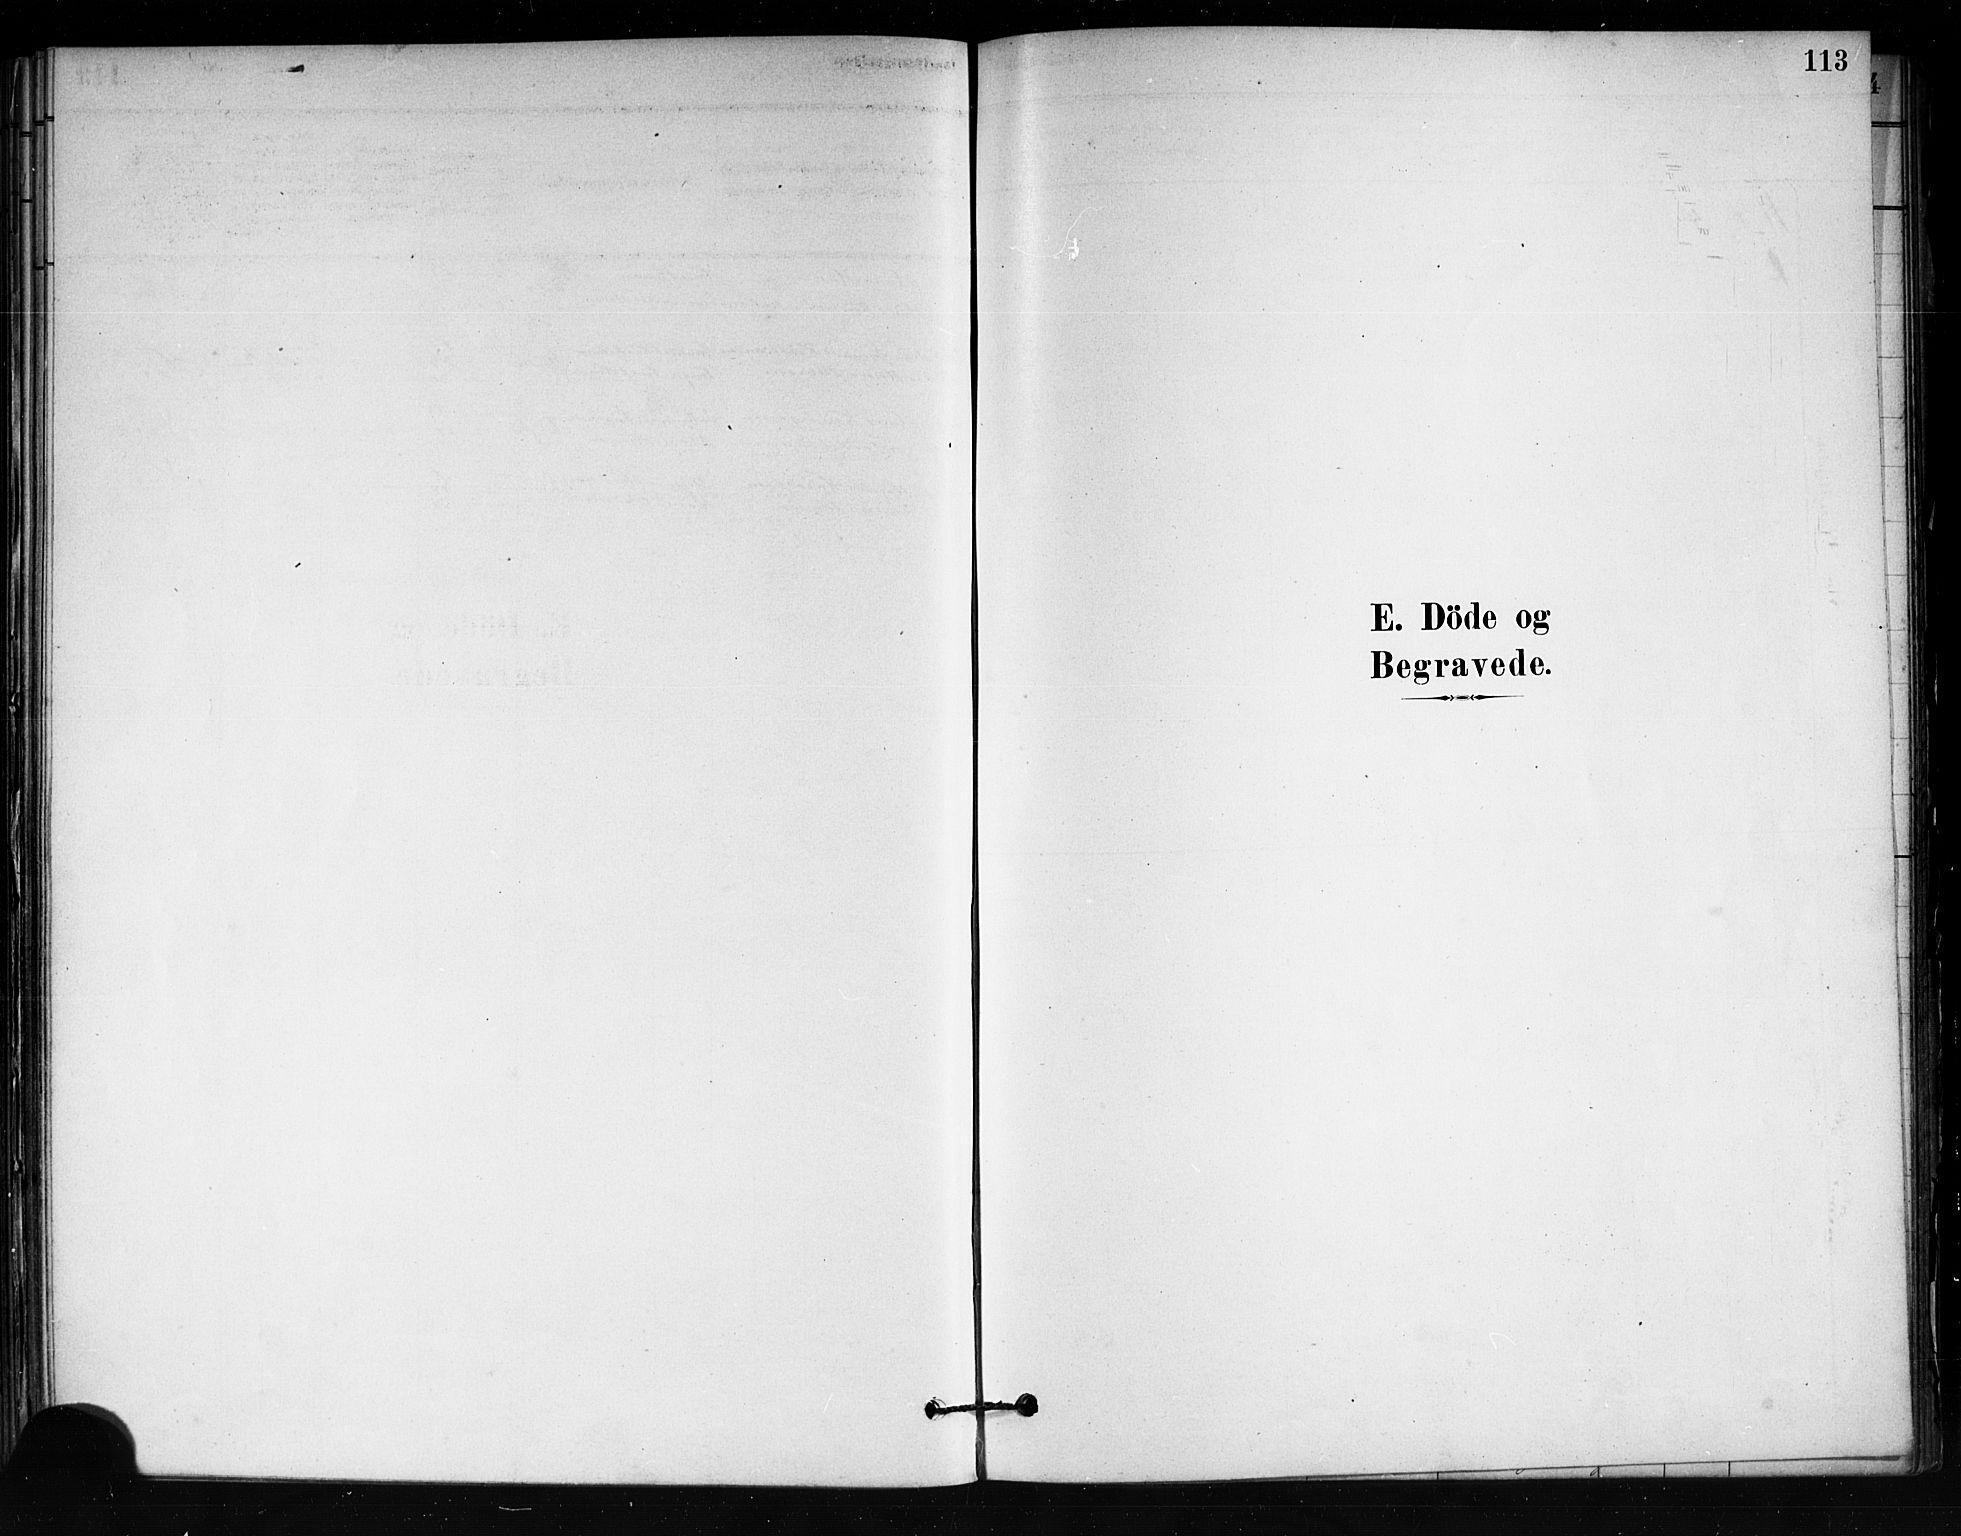 SAKO, Tjøme kirkebøker, F/Fa/L0001: Ministerialbok nr. 1, 1879-1890, s. 113